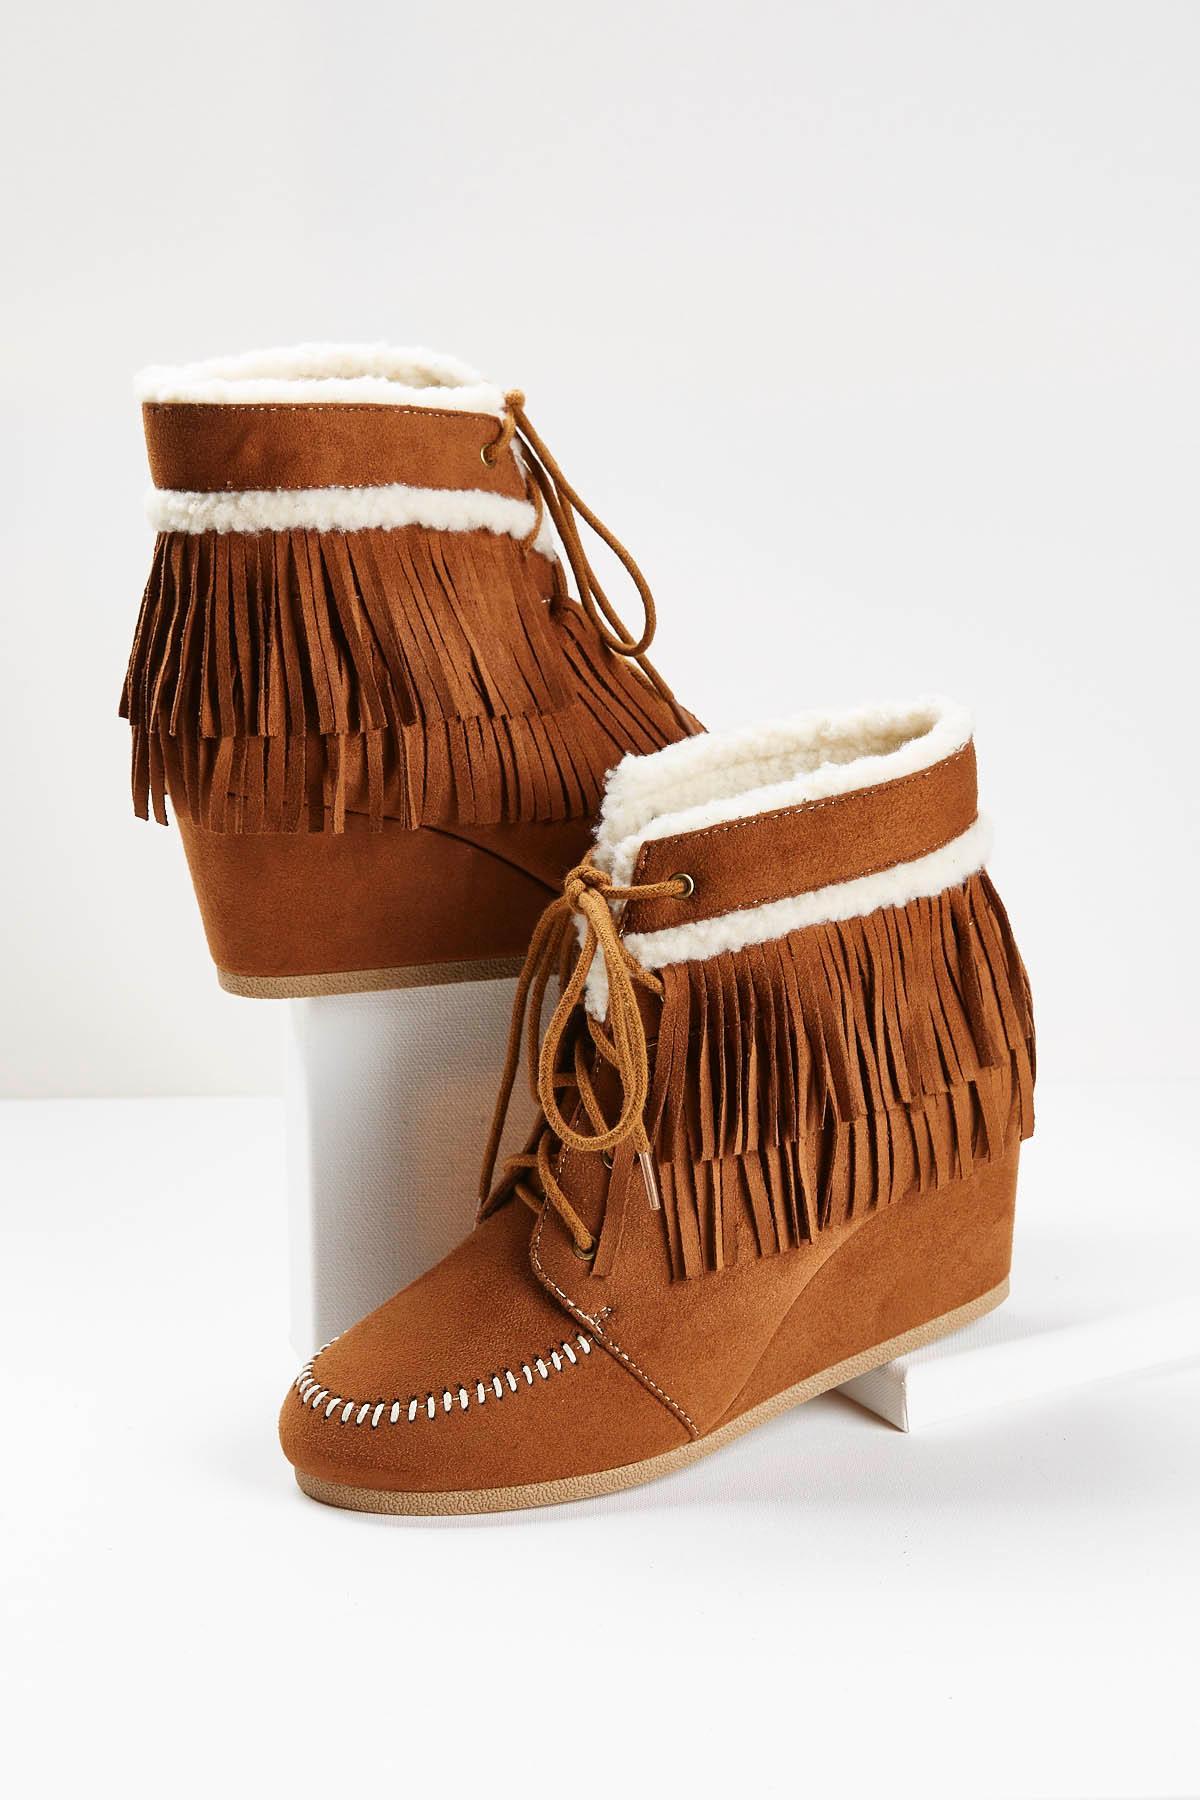 Sherpa Trim Fringe Wedge Boots